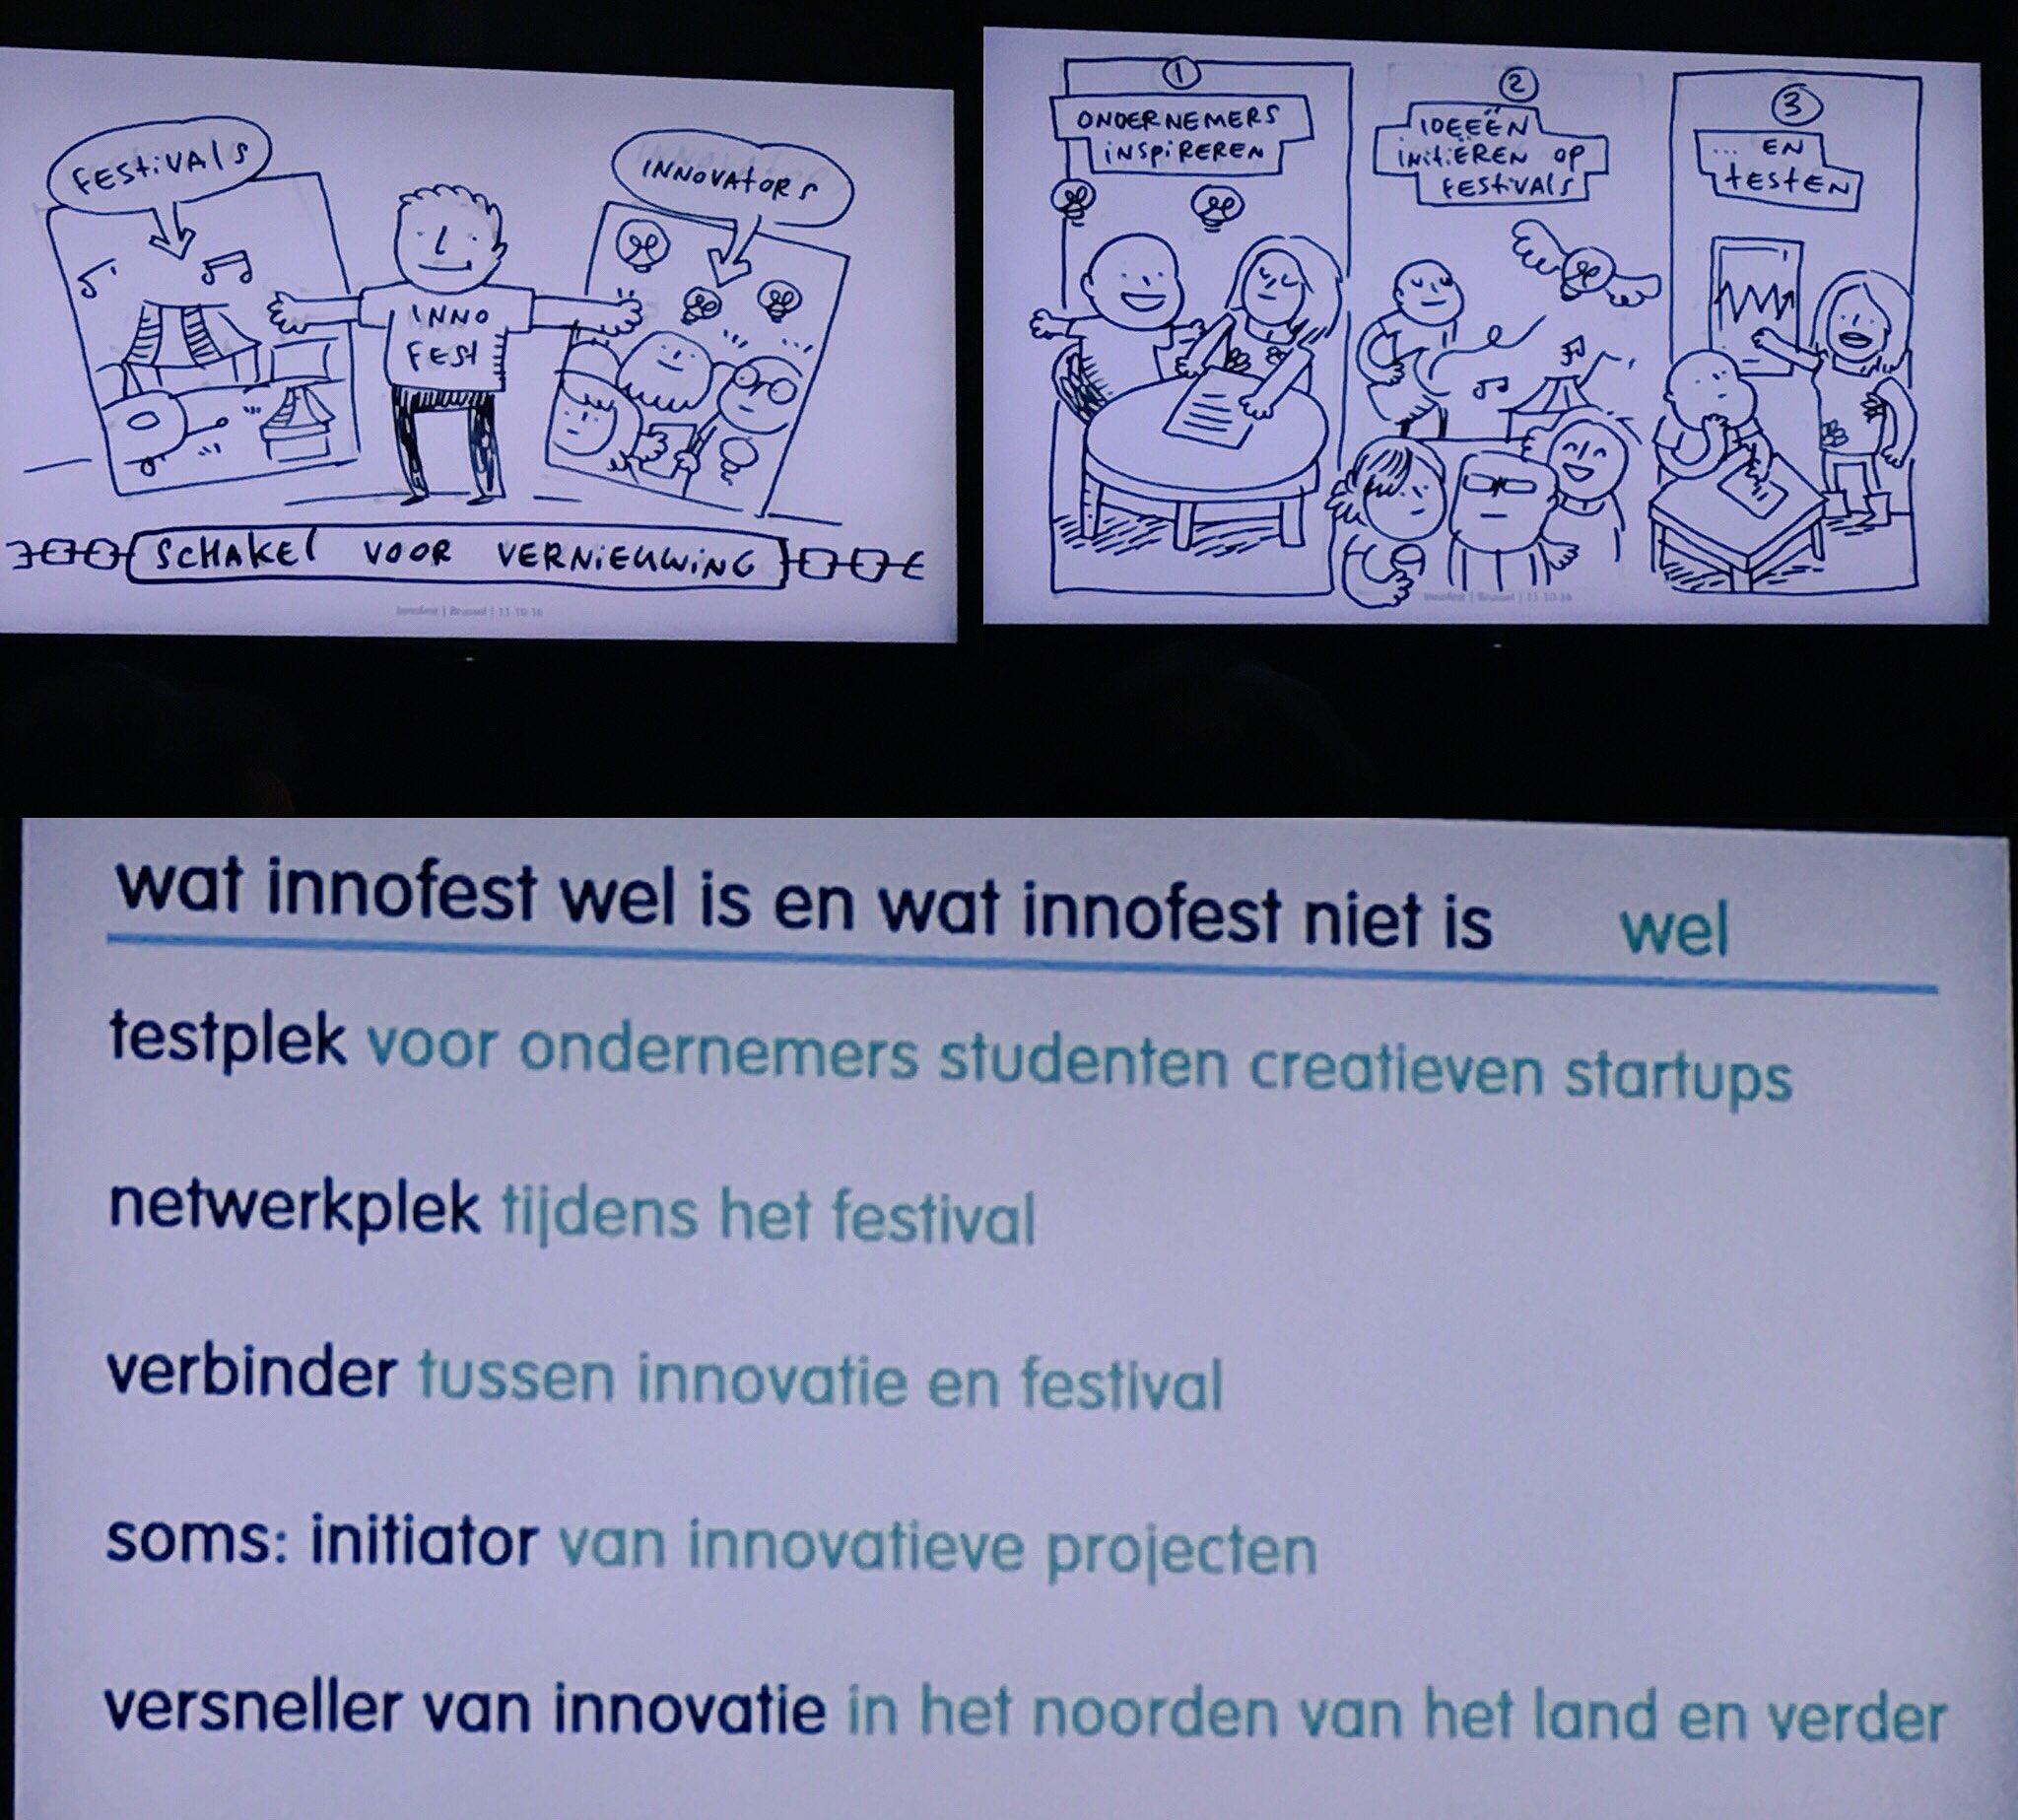 Innofest bij #24hoursNNL in Brussel > festivals als proeftuin voor innovatie! https://t.co/XDfJaiDegI